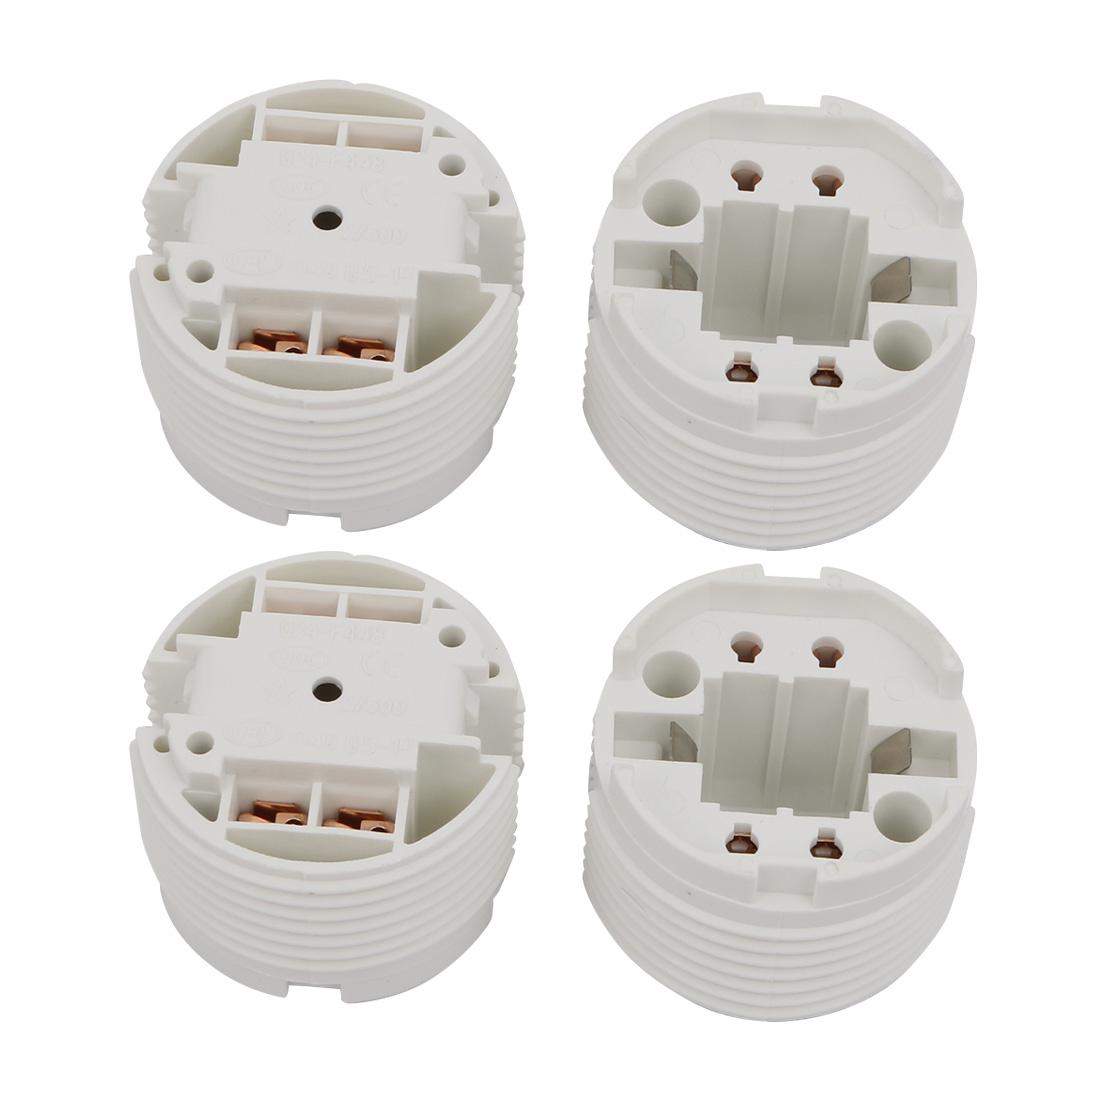 4 Pcs F448Q AC 500V 2A G24 Base H Light Socket Fluorescent Tube Lamp Holder